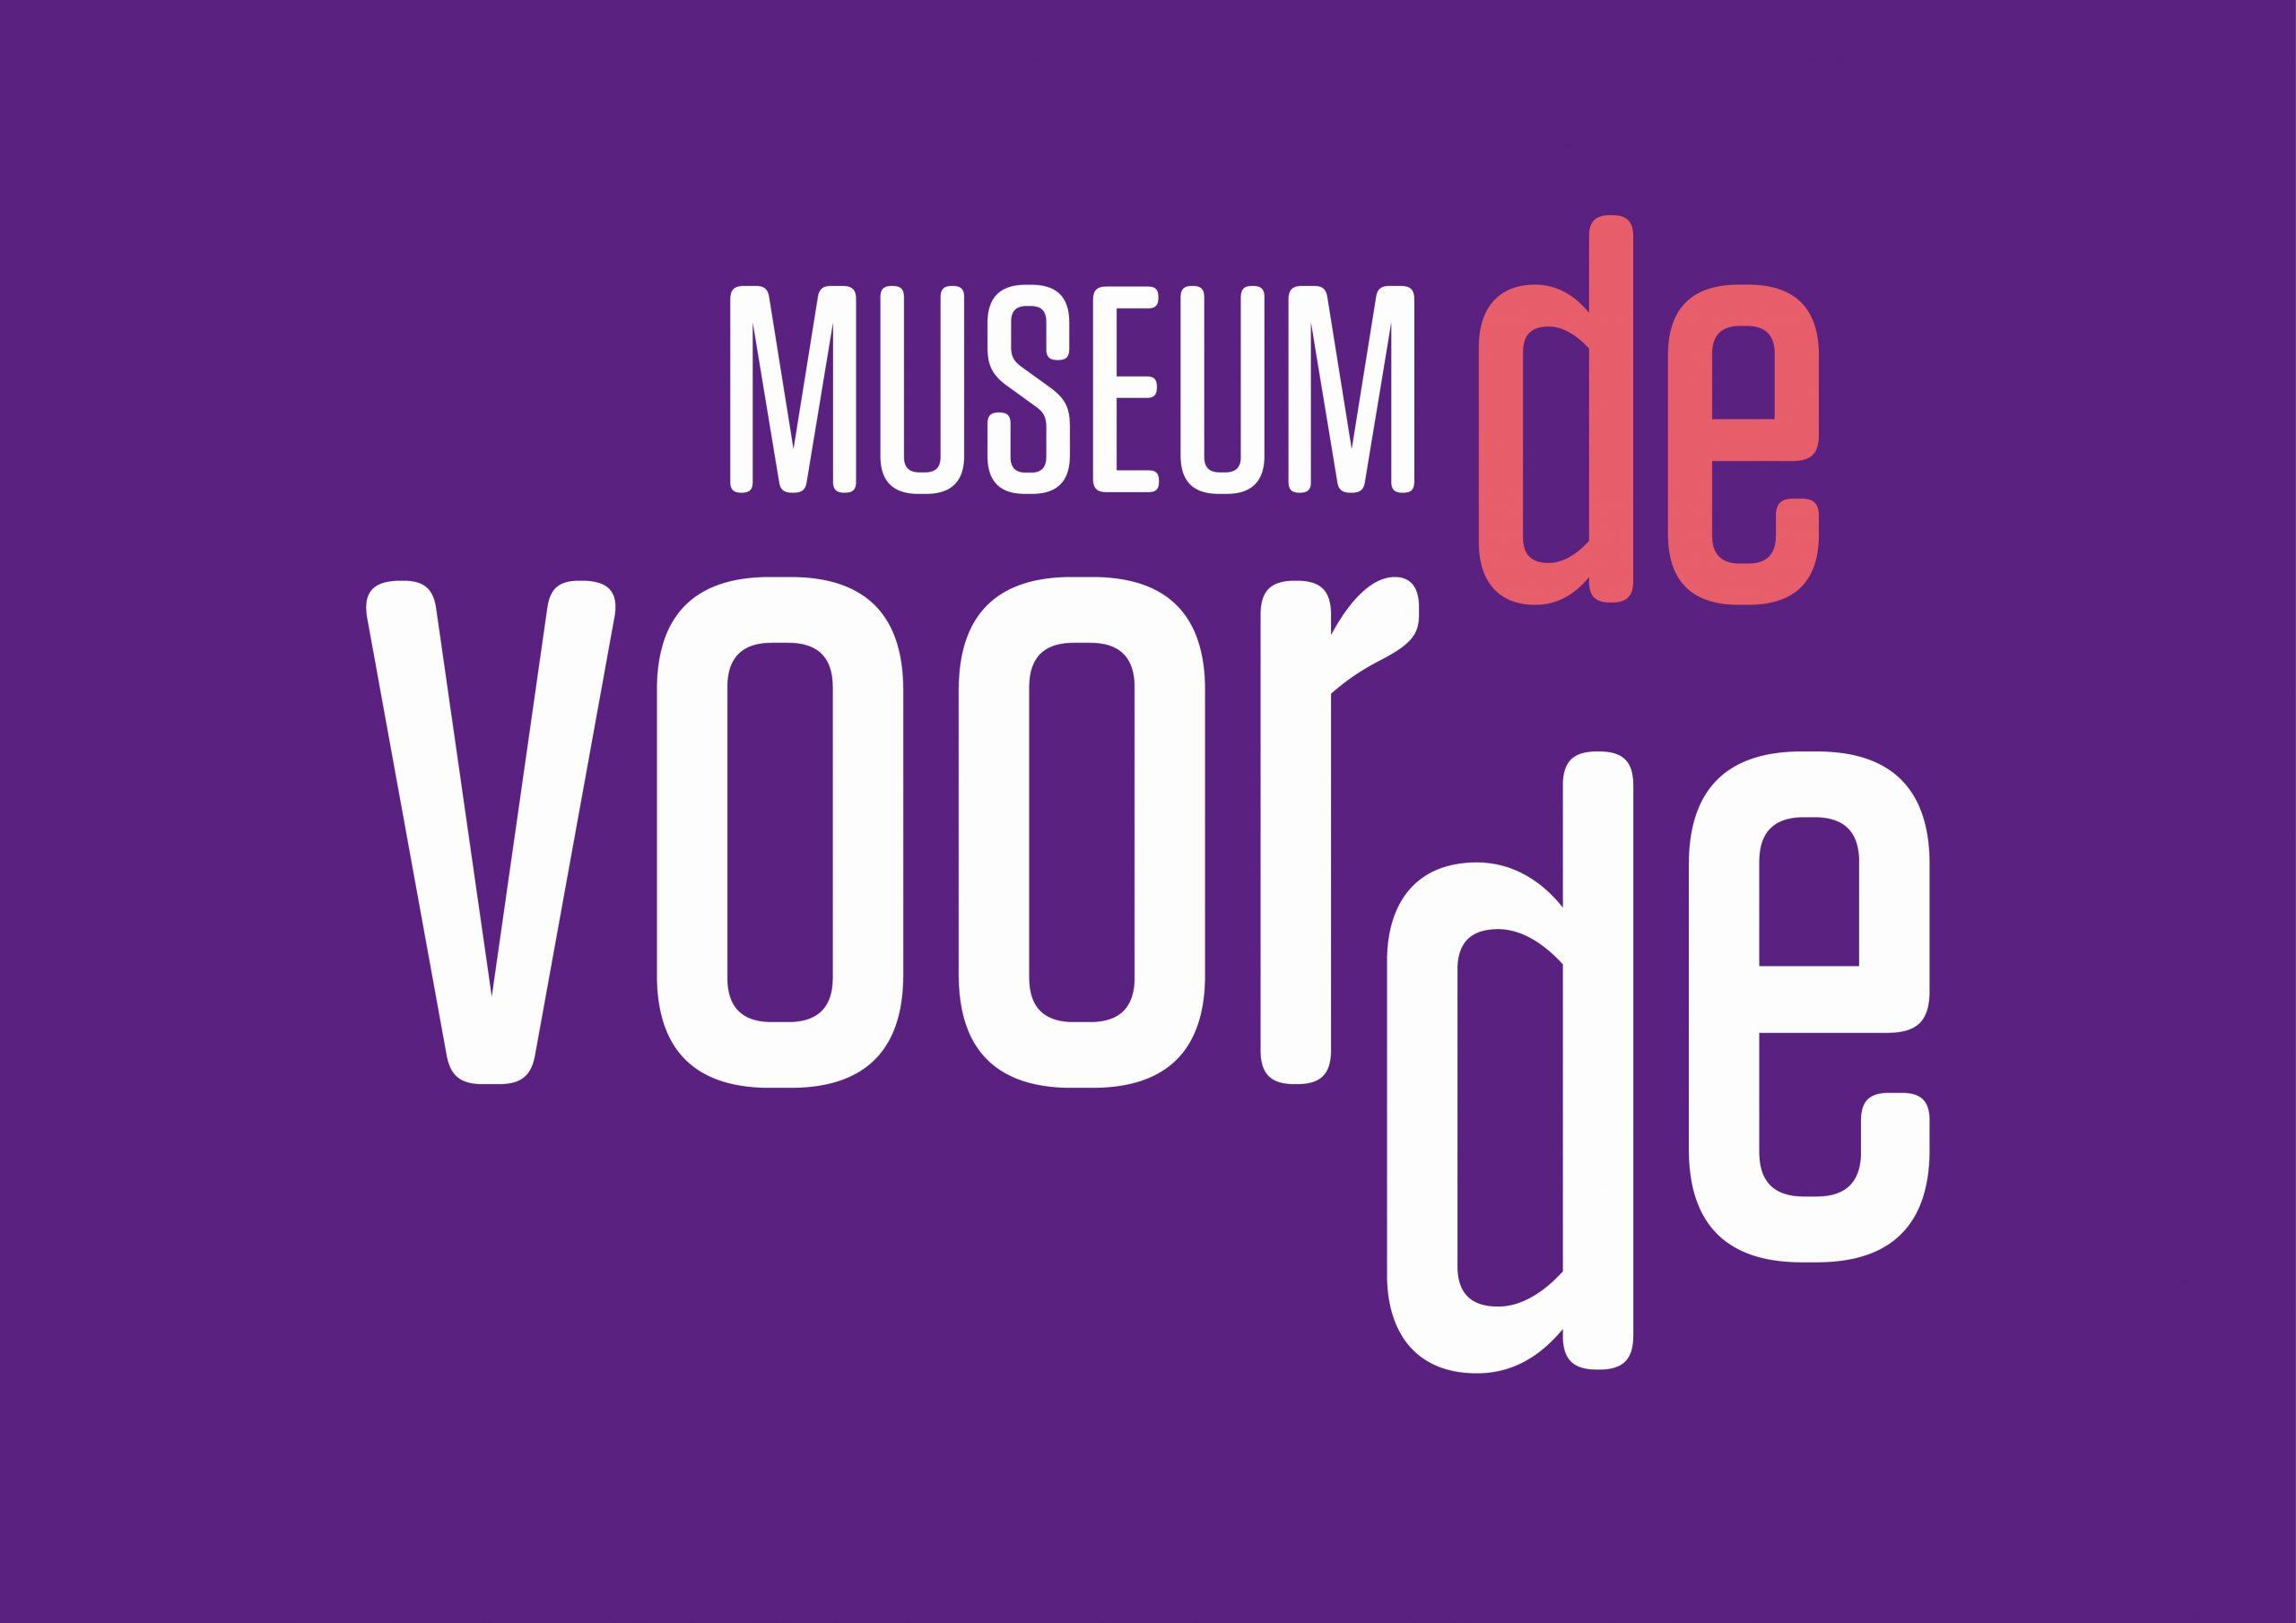 de_voorde_logo2-869d42a5